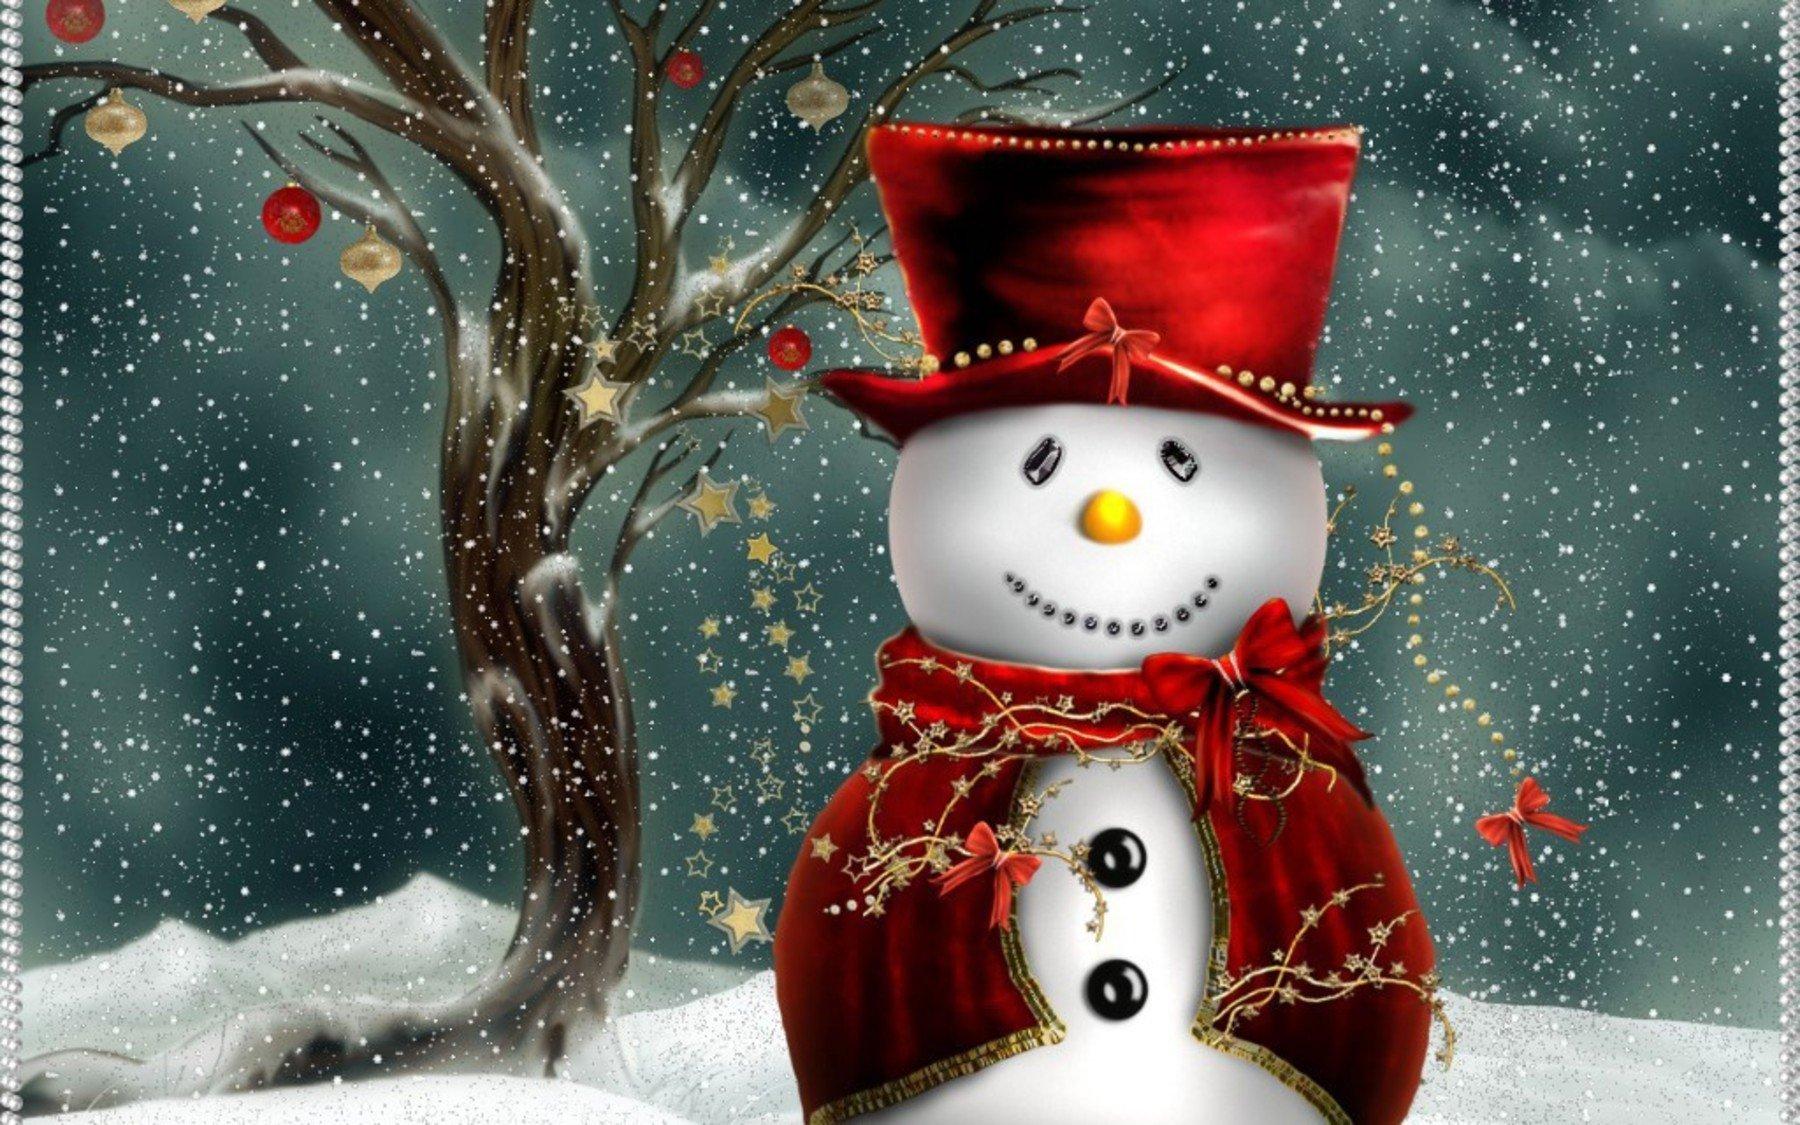 Hd Wallpaper   Desktop Christmas Wallpaper Backgrounds Hd 1800x1125